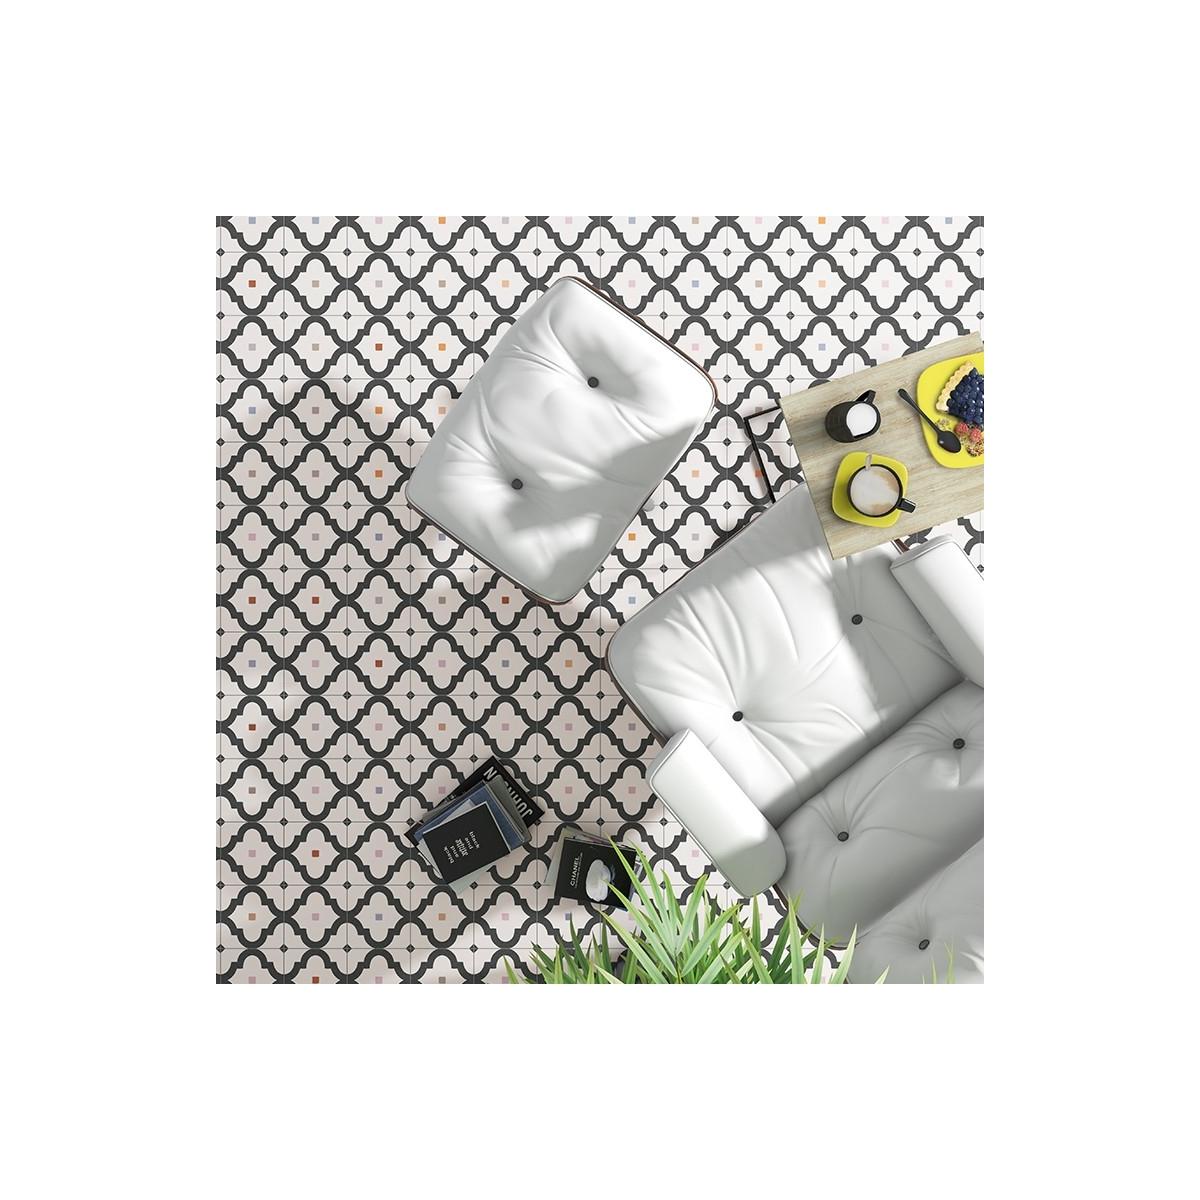 Ladakhi Grafito 20x20 (m2) - Suelo hidráulico Porcelánico antideslizante Vives